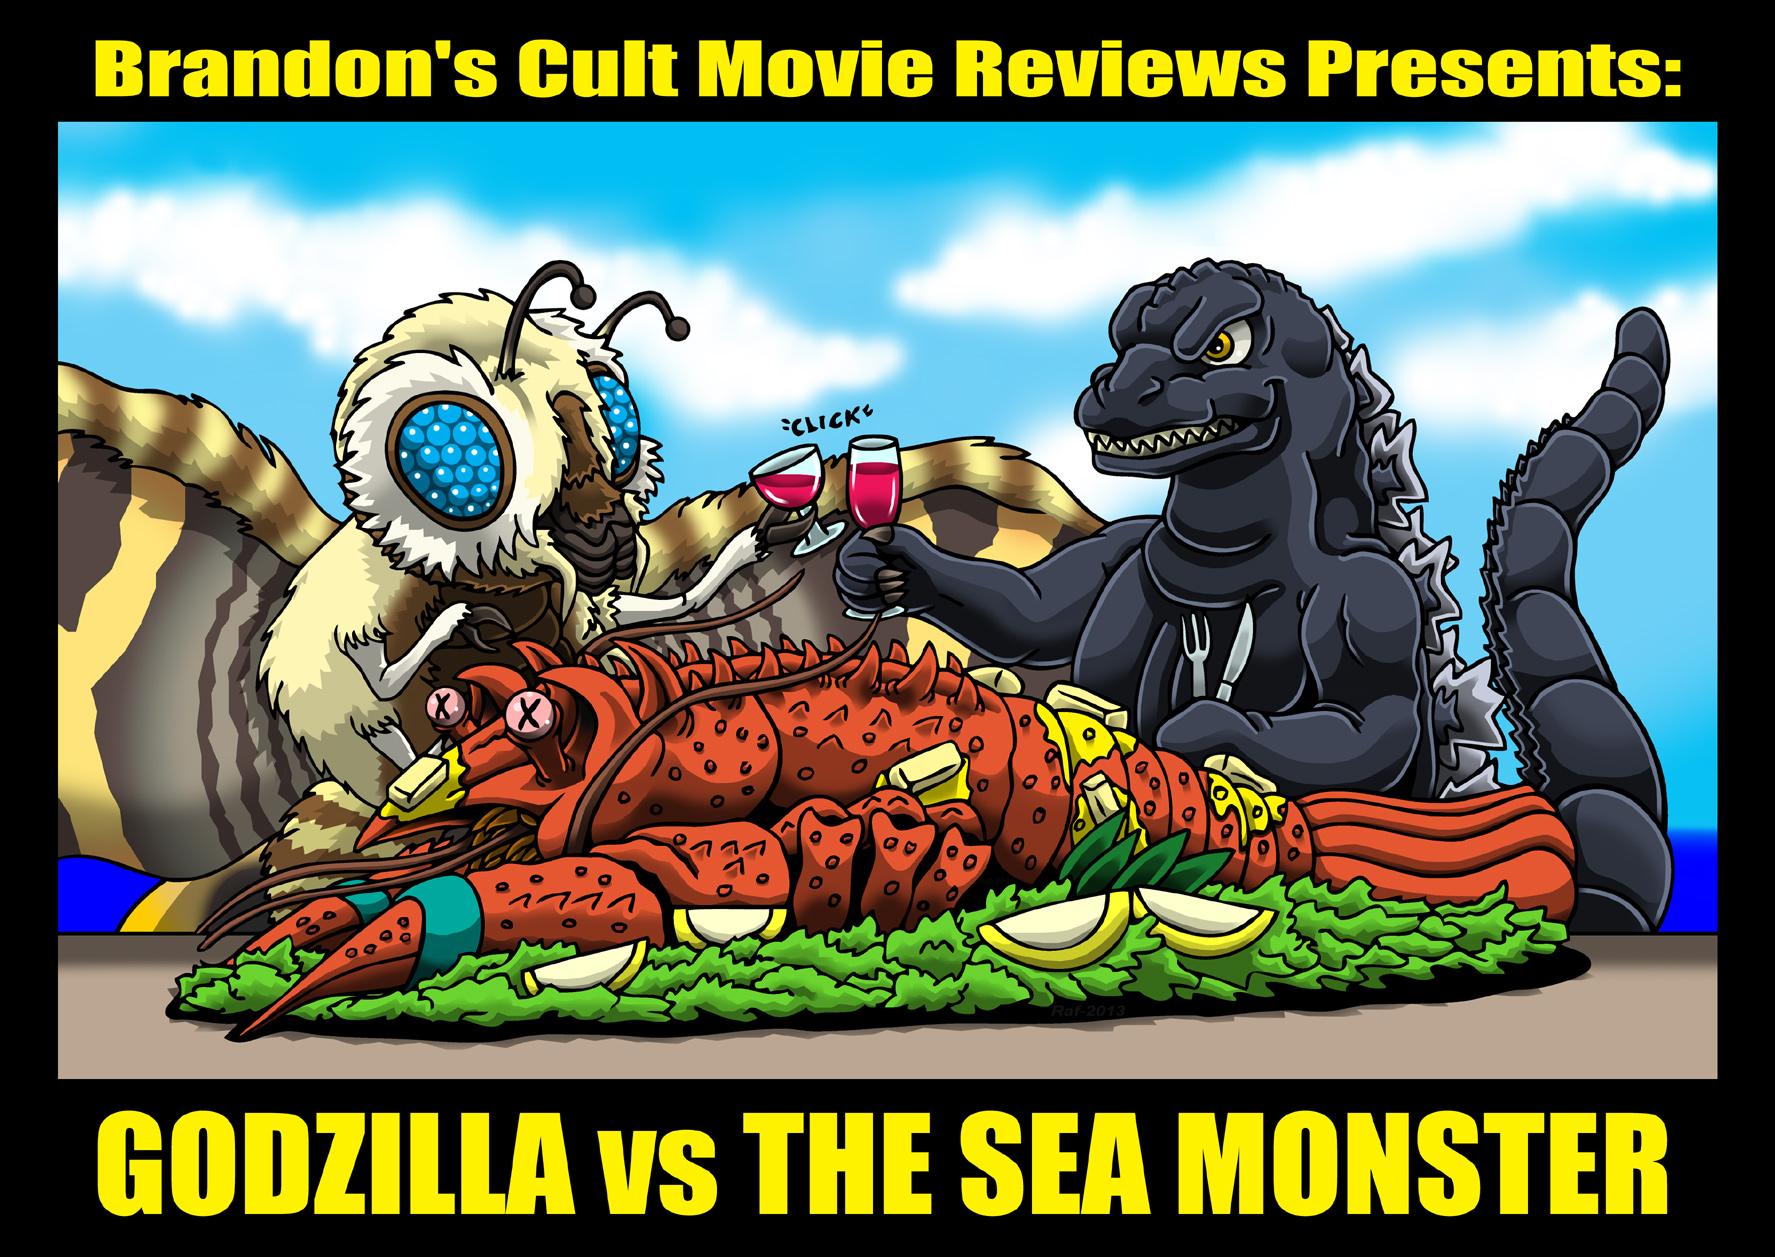 Godzilla vs Lobster